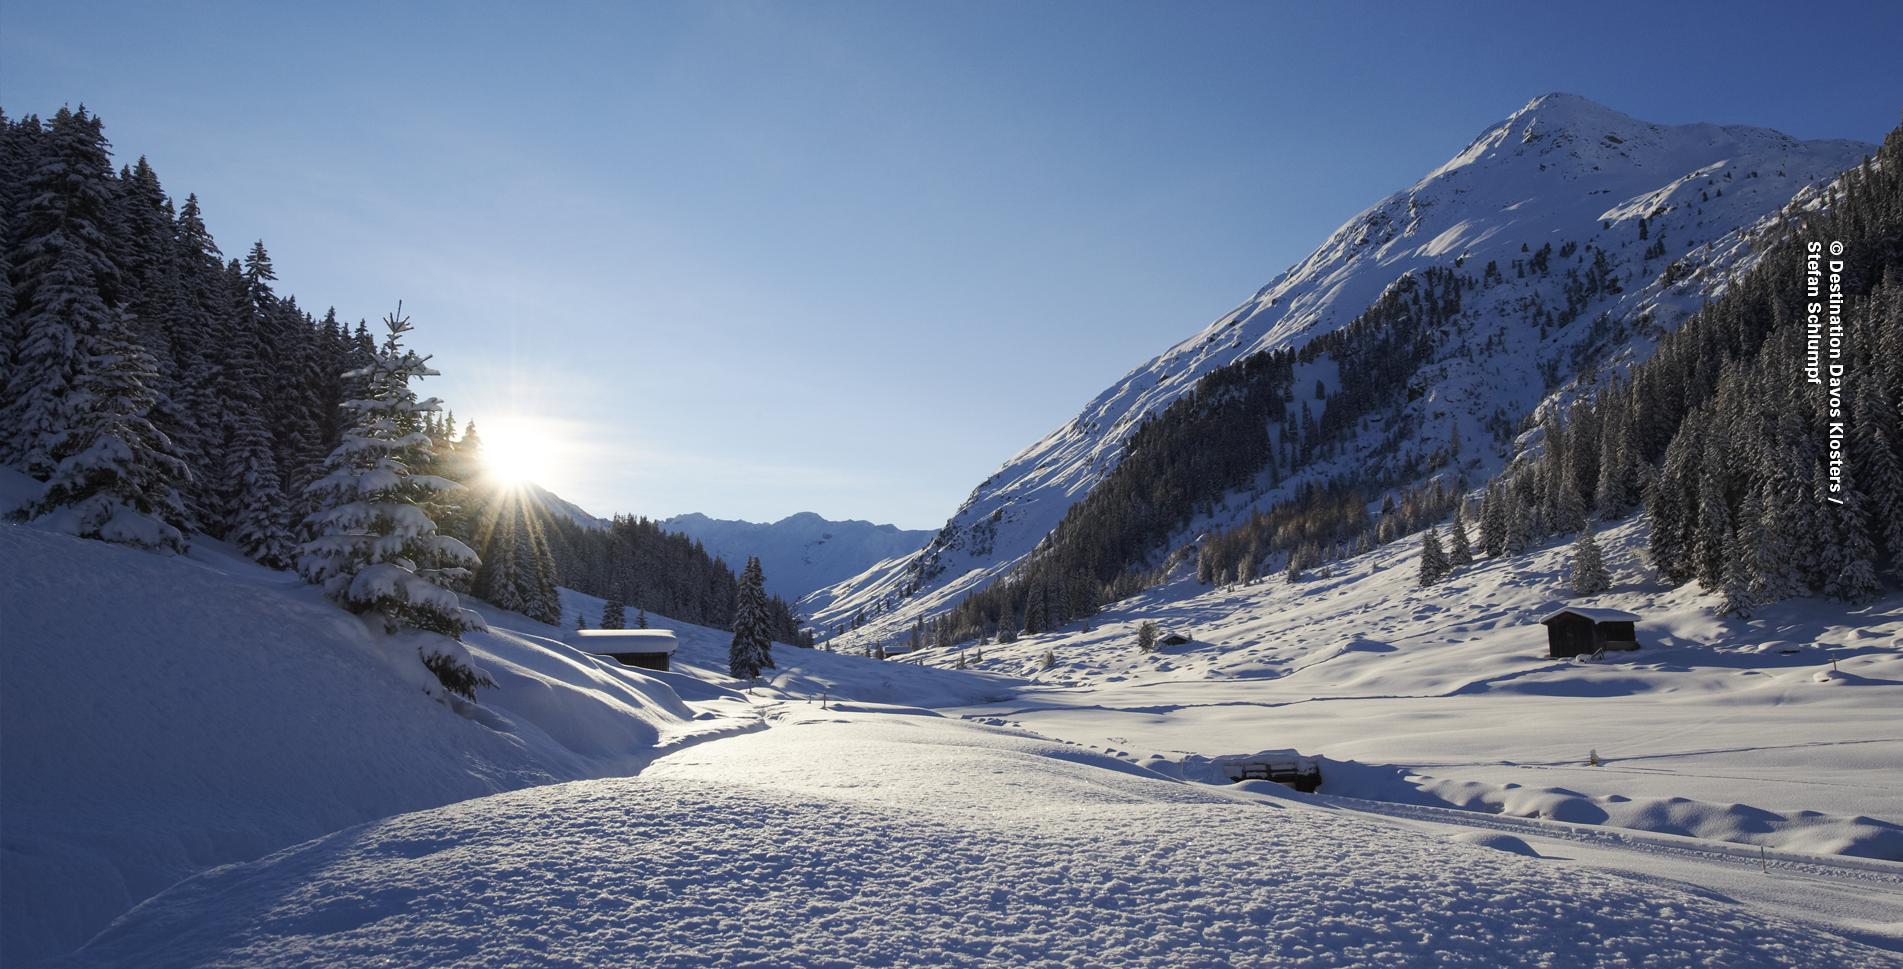 Winterwanderung von Davos ins Dischmatal bis zum Restaurant Teufi